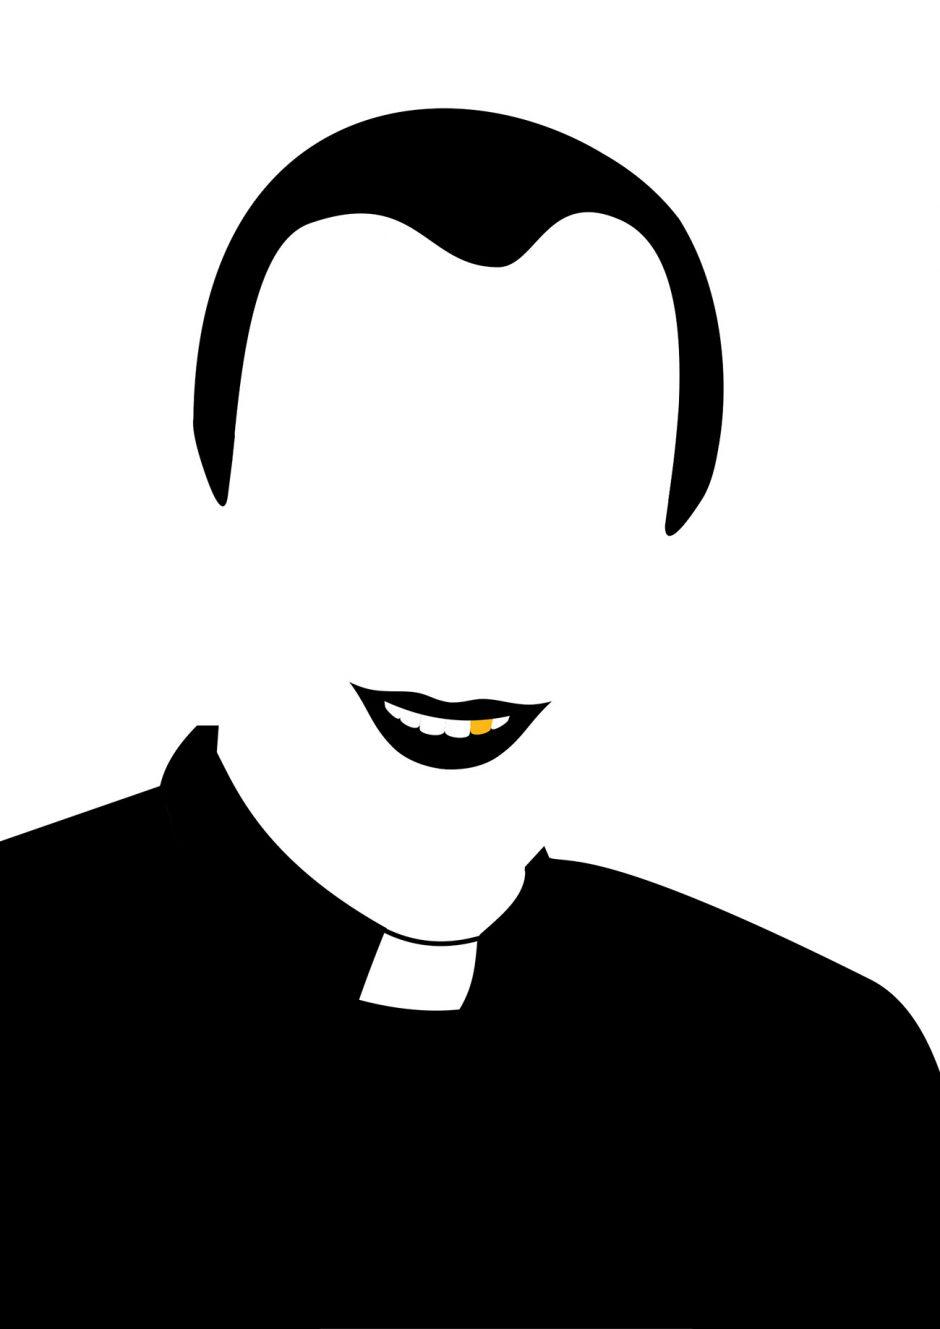 »Grundgehalt, Kollekte, Taufen, Hochzeiten, Beerdigungen und Singen der Koledy (Weihnachtslieder) – dies sind alles Einnahmequellen von Priestern. Aber je nachdem, was diese predigen, verdienen Sie so viel wie Doktoren, zahlen aber 10 Mal weniger Steuern. Das klingt doch gut – was für ein göttliches Leben!«